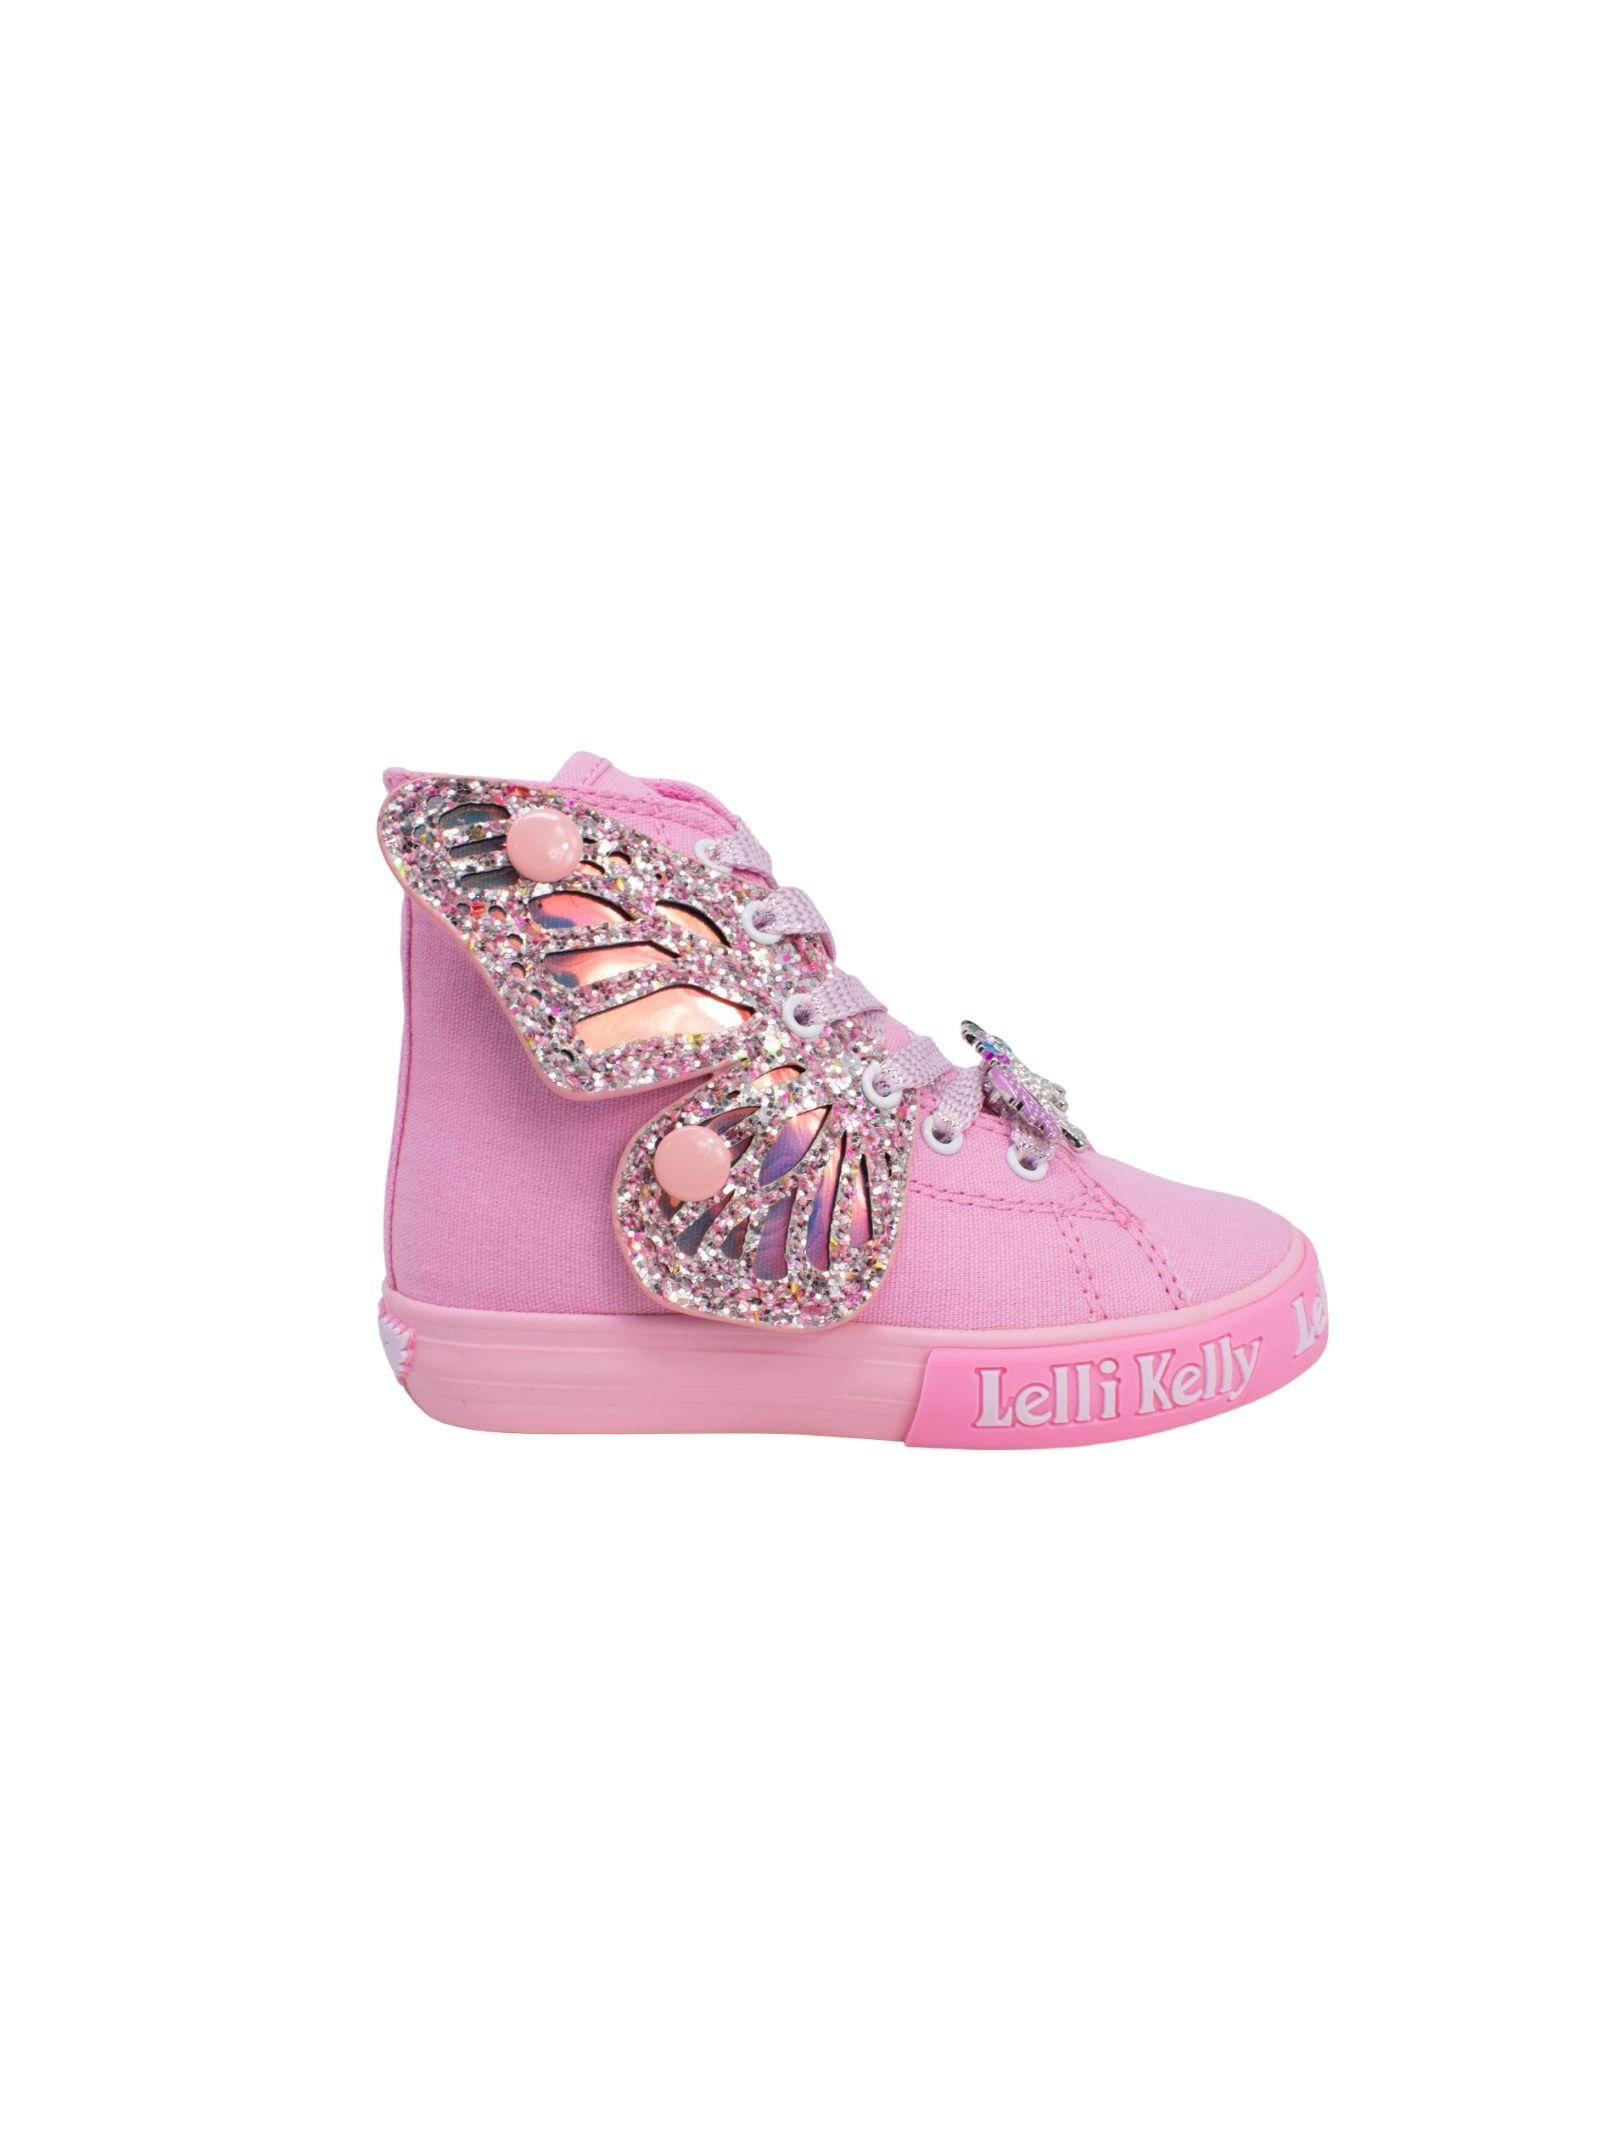 Converse Butterfly Unicorno LELLI KELLY | Sneakers | LK1330ROSA